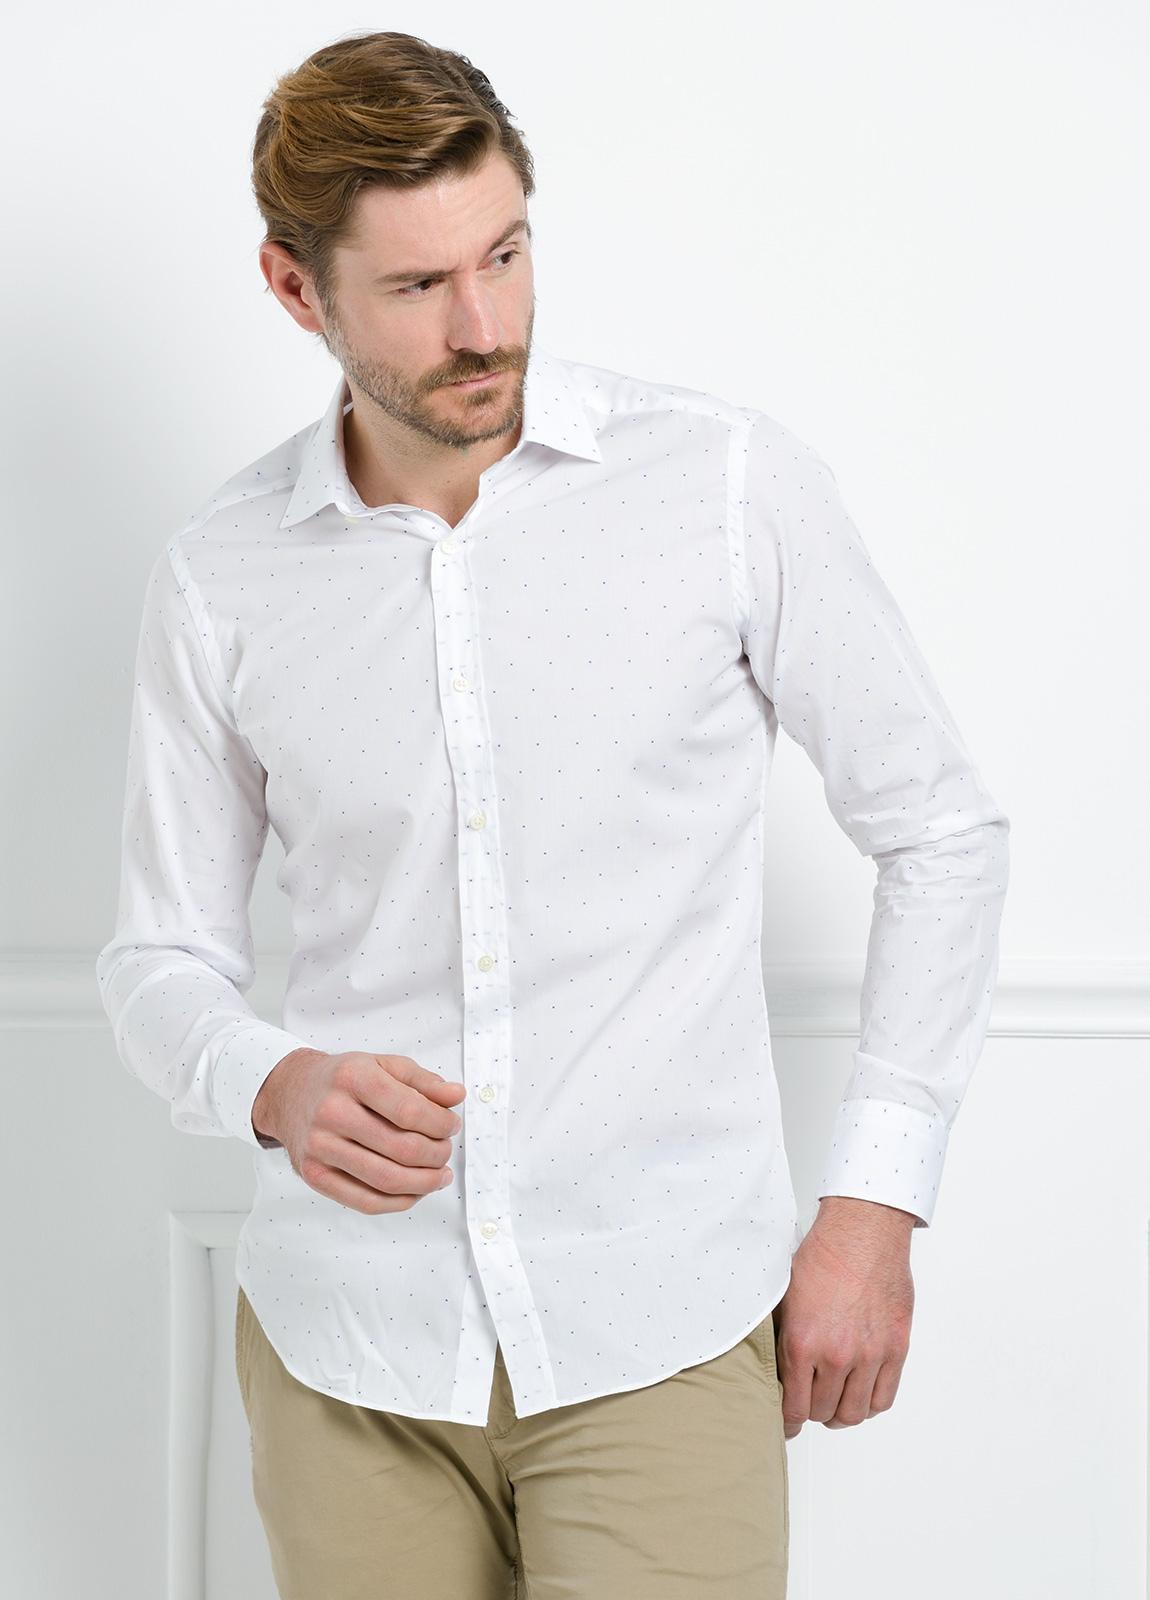 Camisa Formal Wear REGULAR FIT cuello italiano modelo TAILORED NAPOLI diseño de rayas color celeste, 100% Algodón. - Ítem3